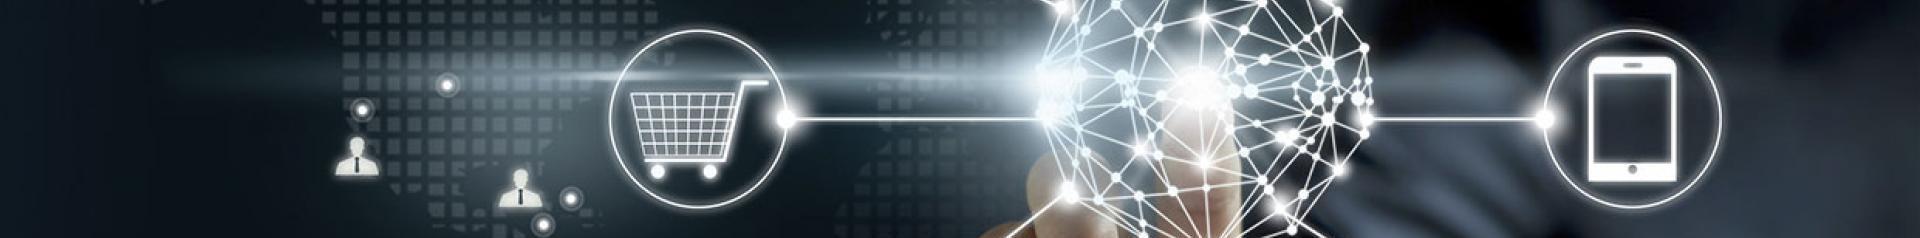 Imagen de conectividad y servicios de operador